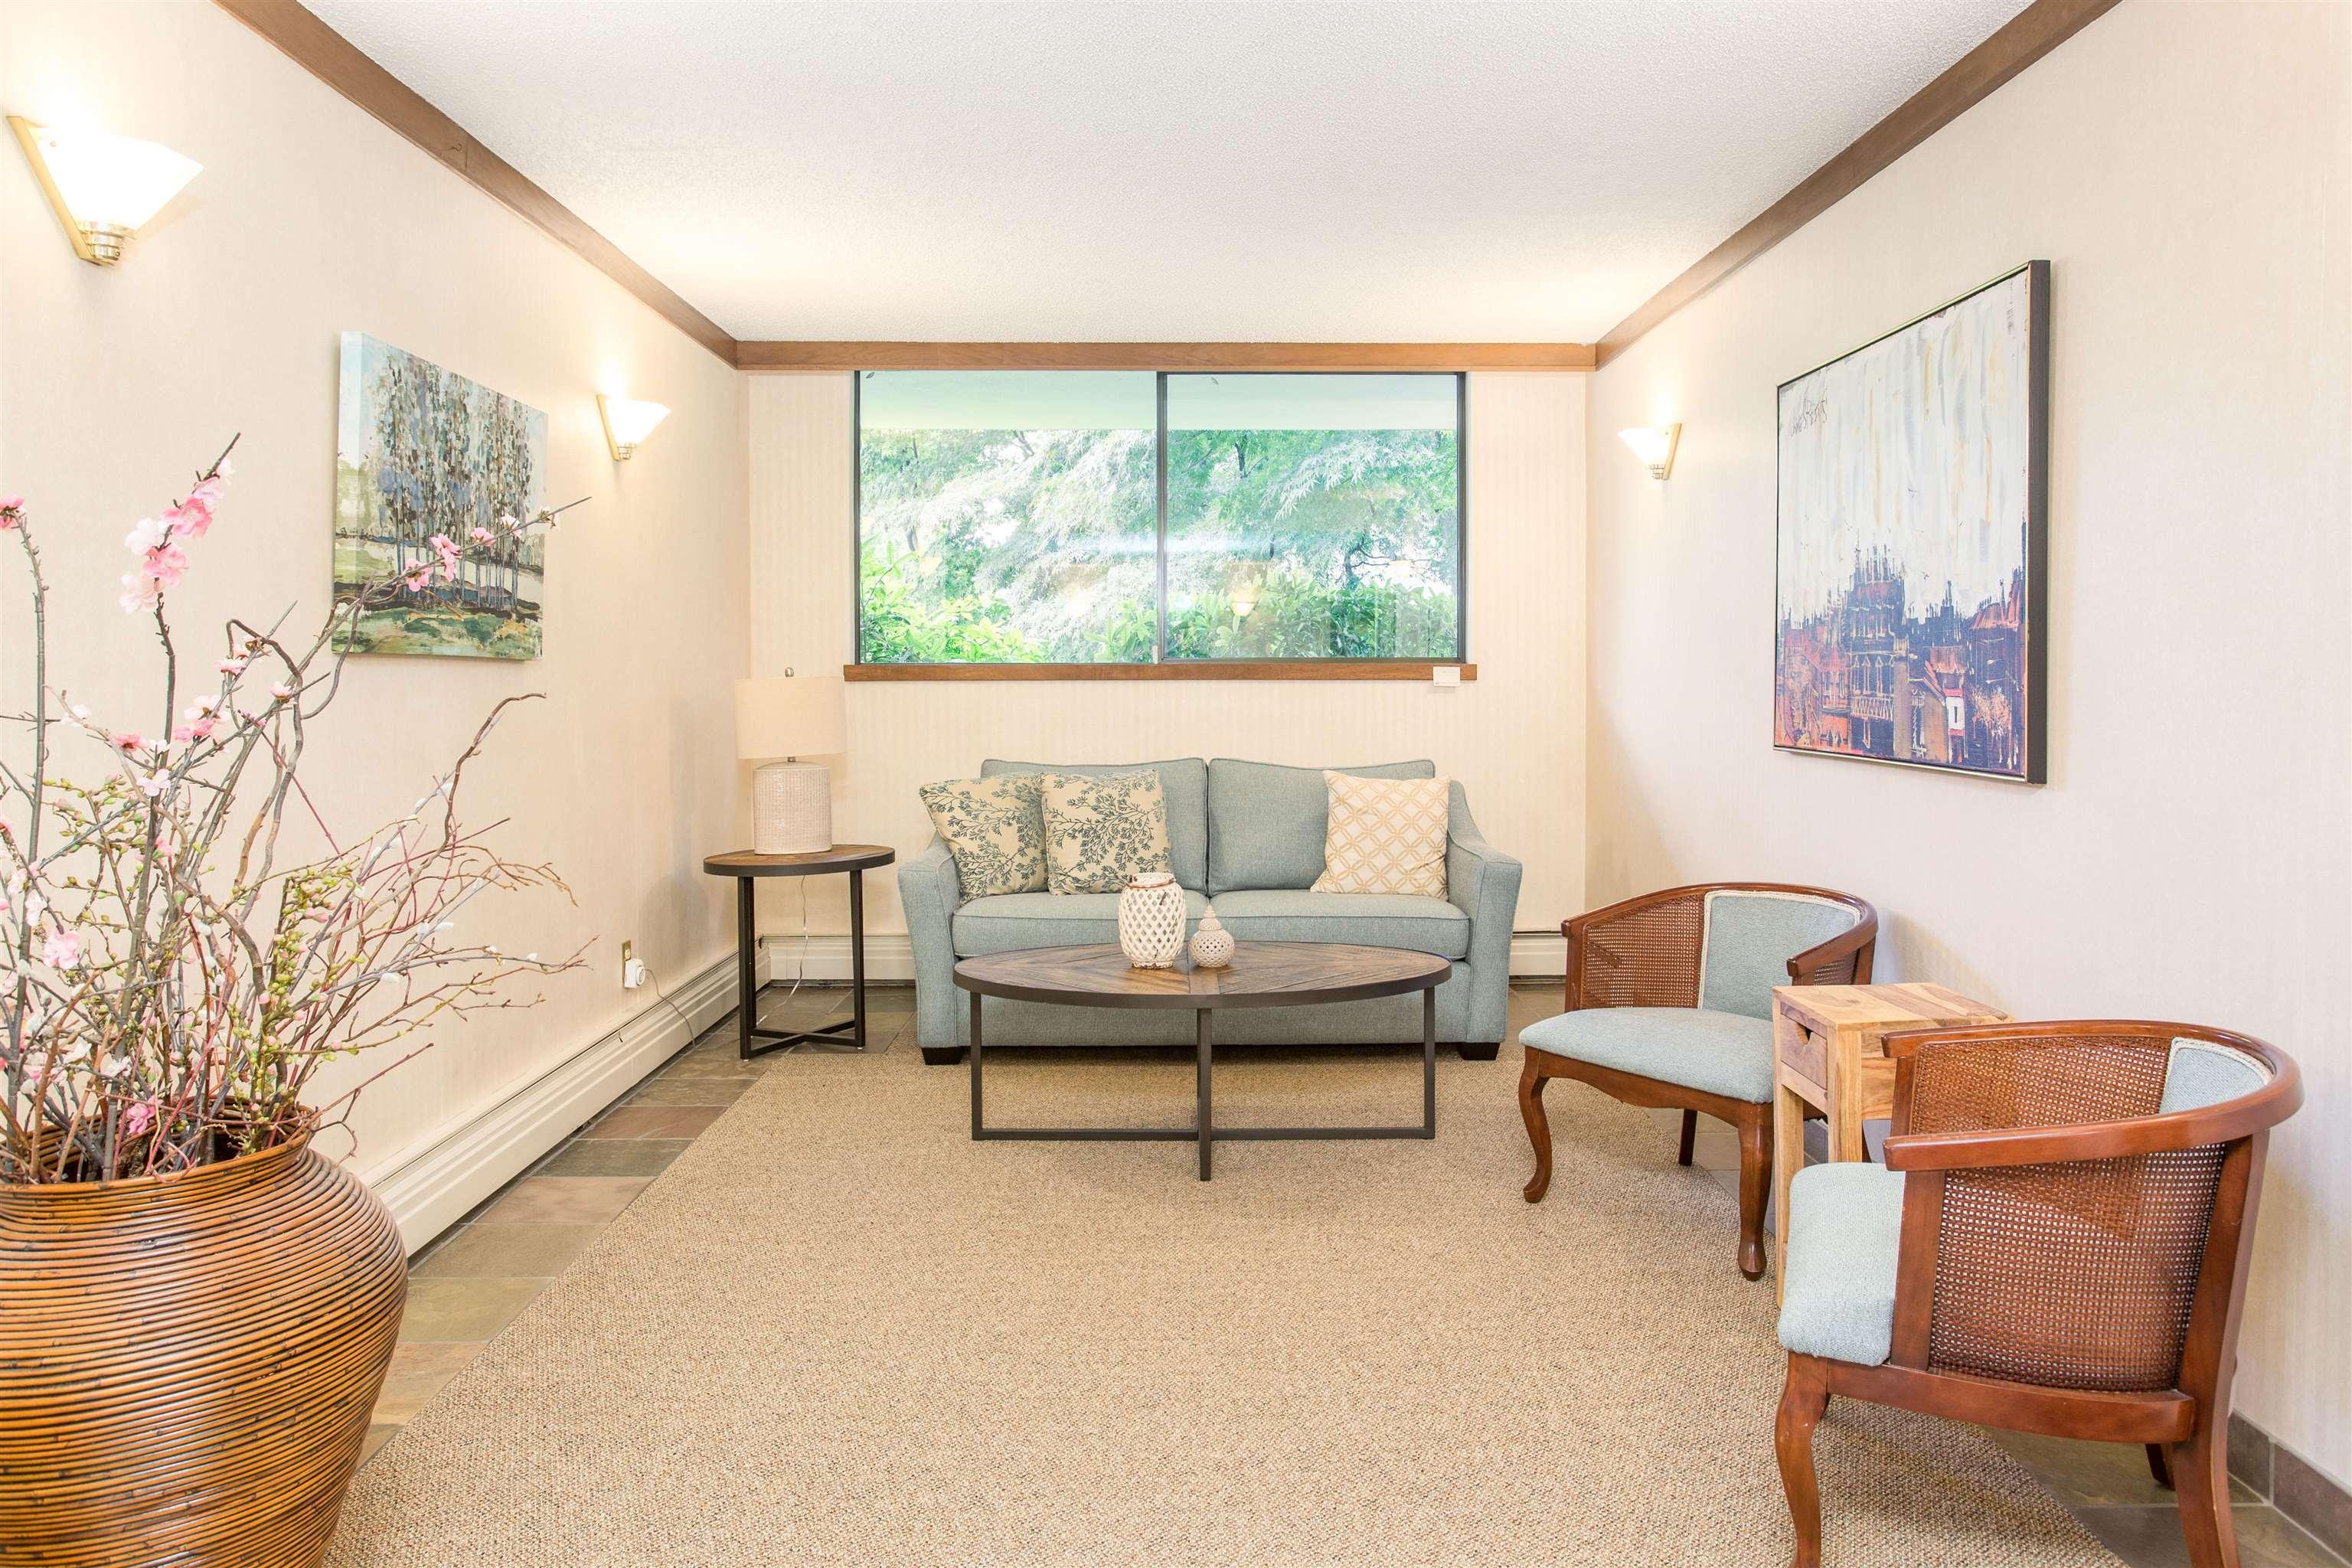 203 1390 DUCHESS AVENUE - Ambleside Apartment/Condo for sale, 1 Bedroom (R2611618) - #35